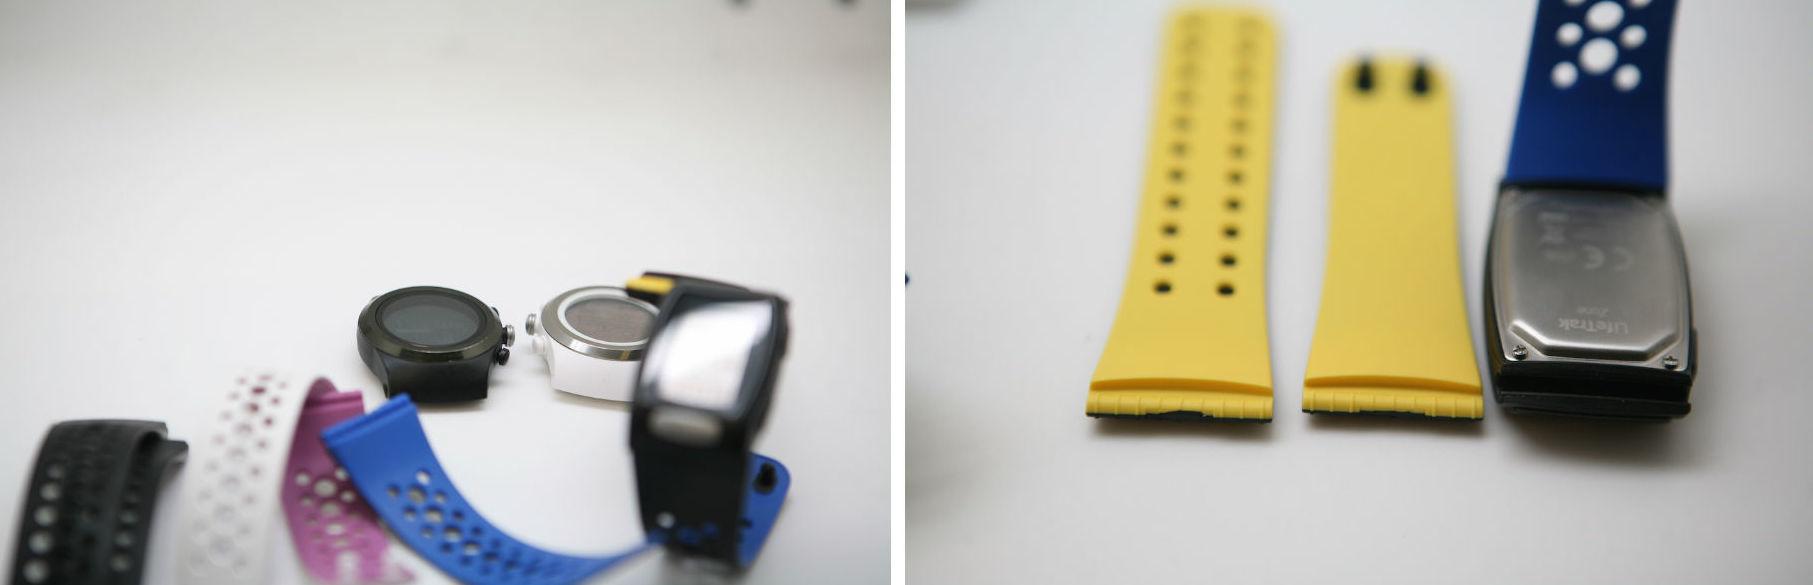 Подборка трекеров, у которых можно менять ремешки - 8